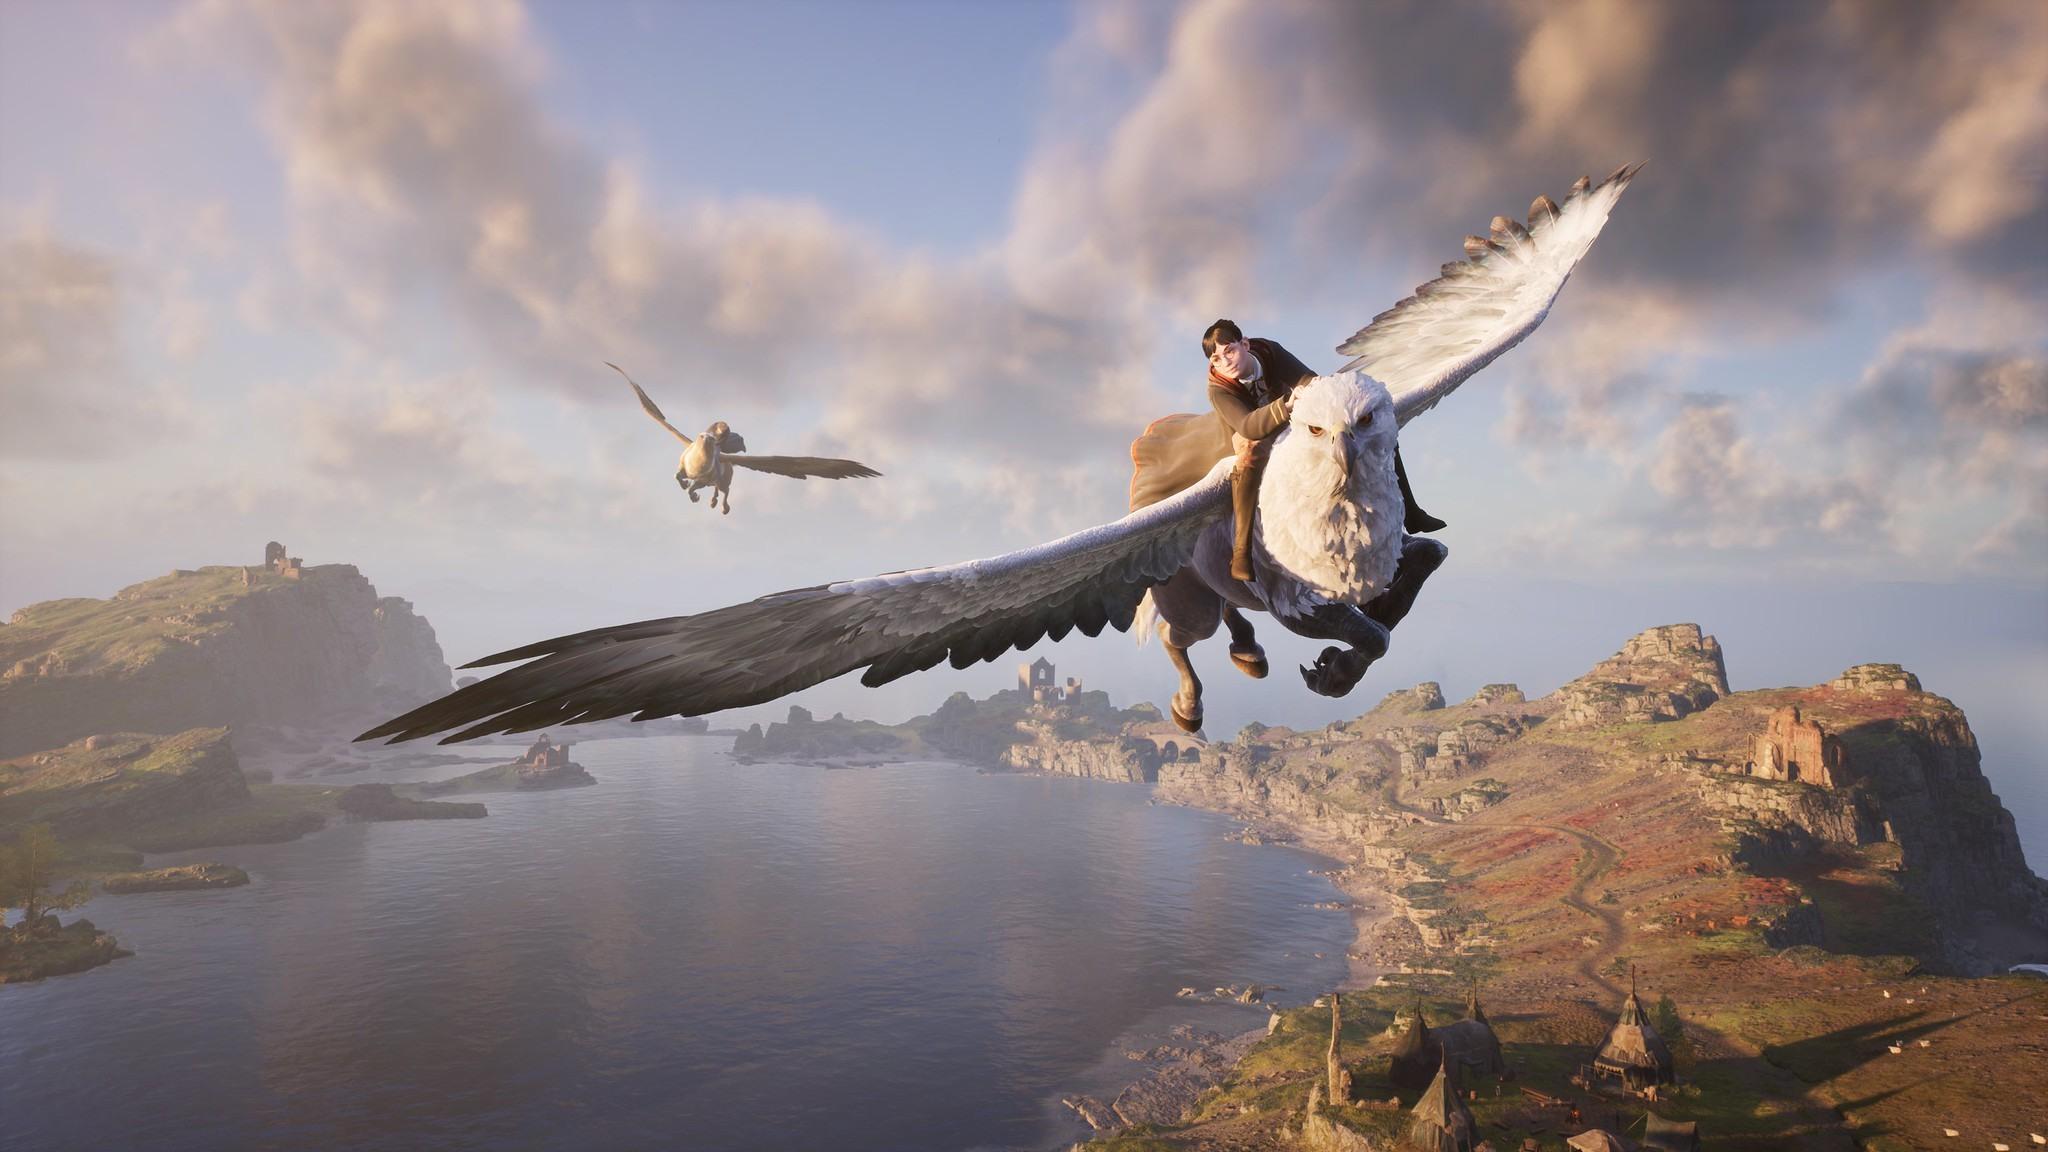 《霍格沃兹:遗产》首批截图和细节 还将登陆PC和Xbox